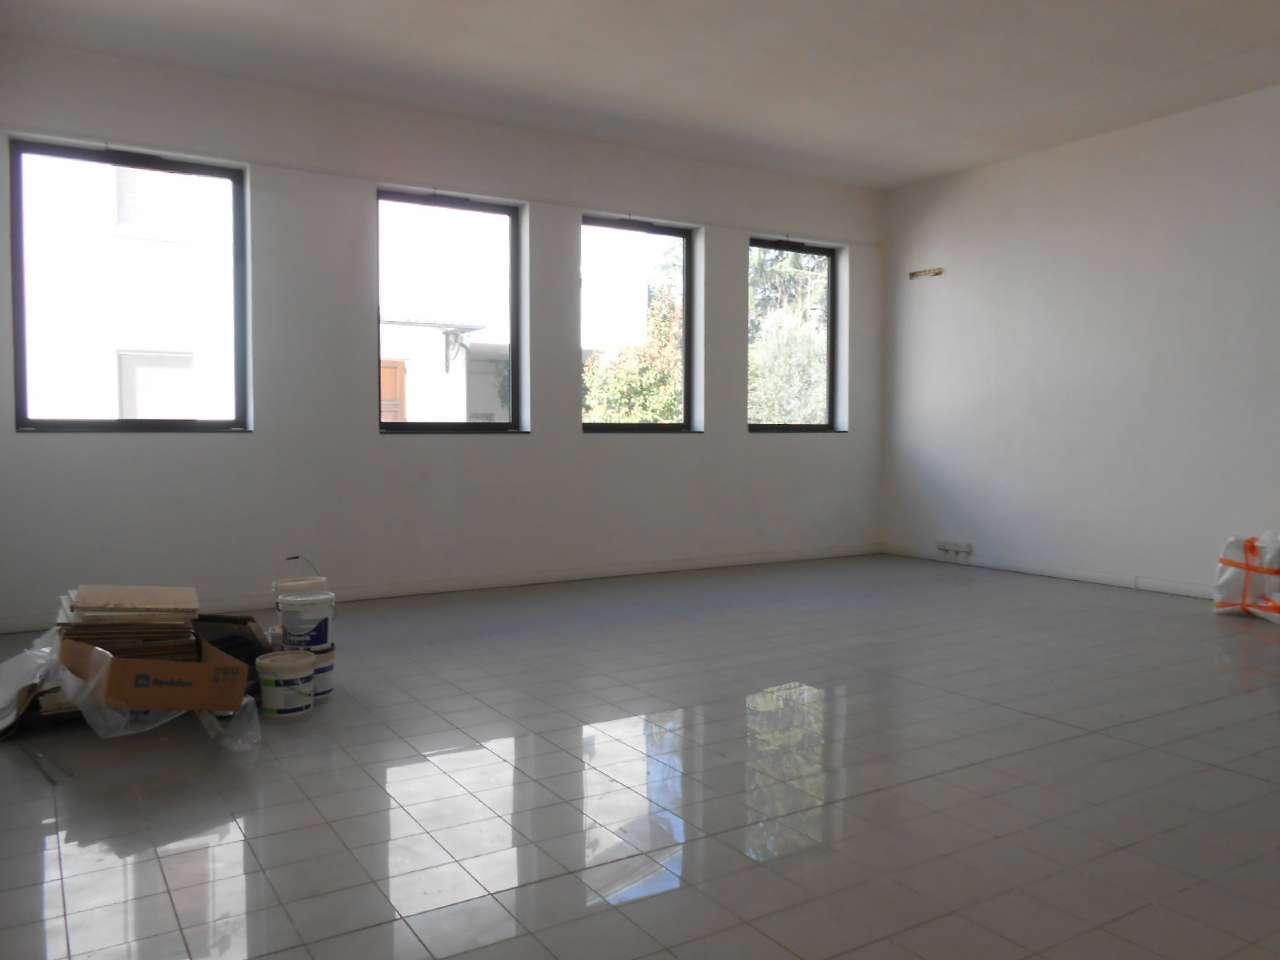 Ufficio / Studio in affitto a Madignano, 2 locali, prezzo € 570 | PortaleAgenzieImmobiliari.it